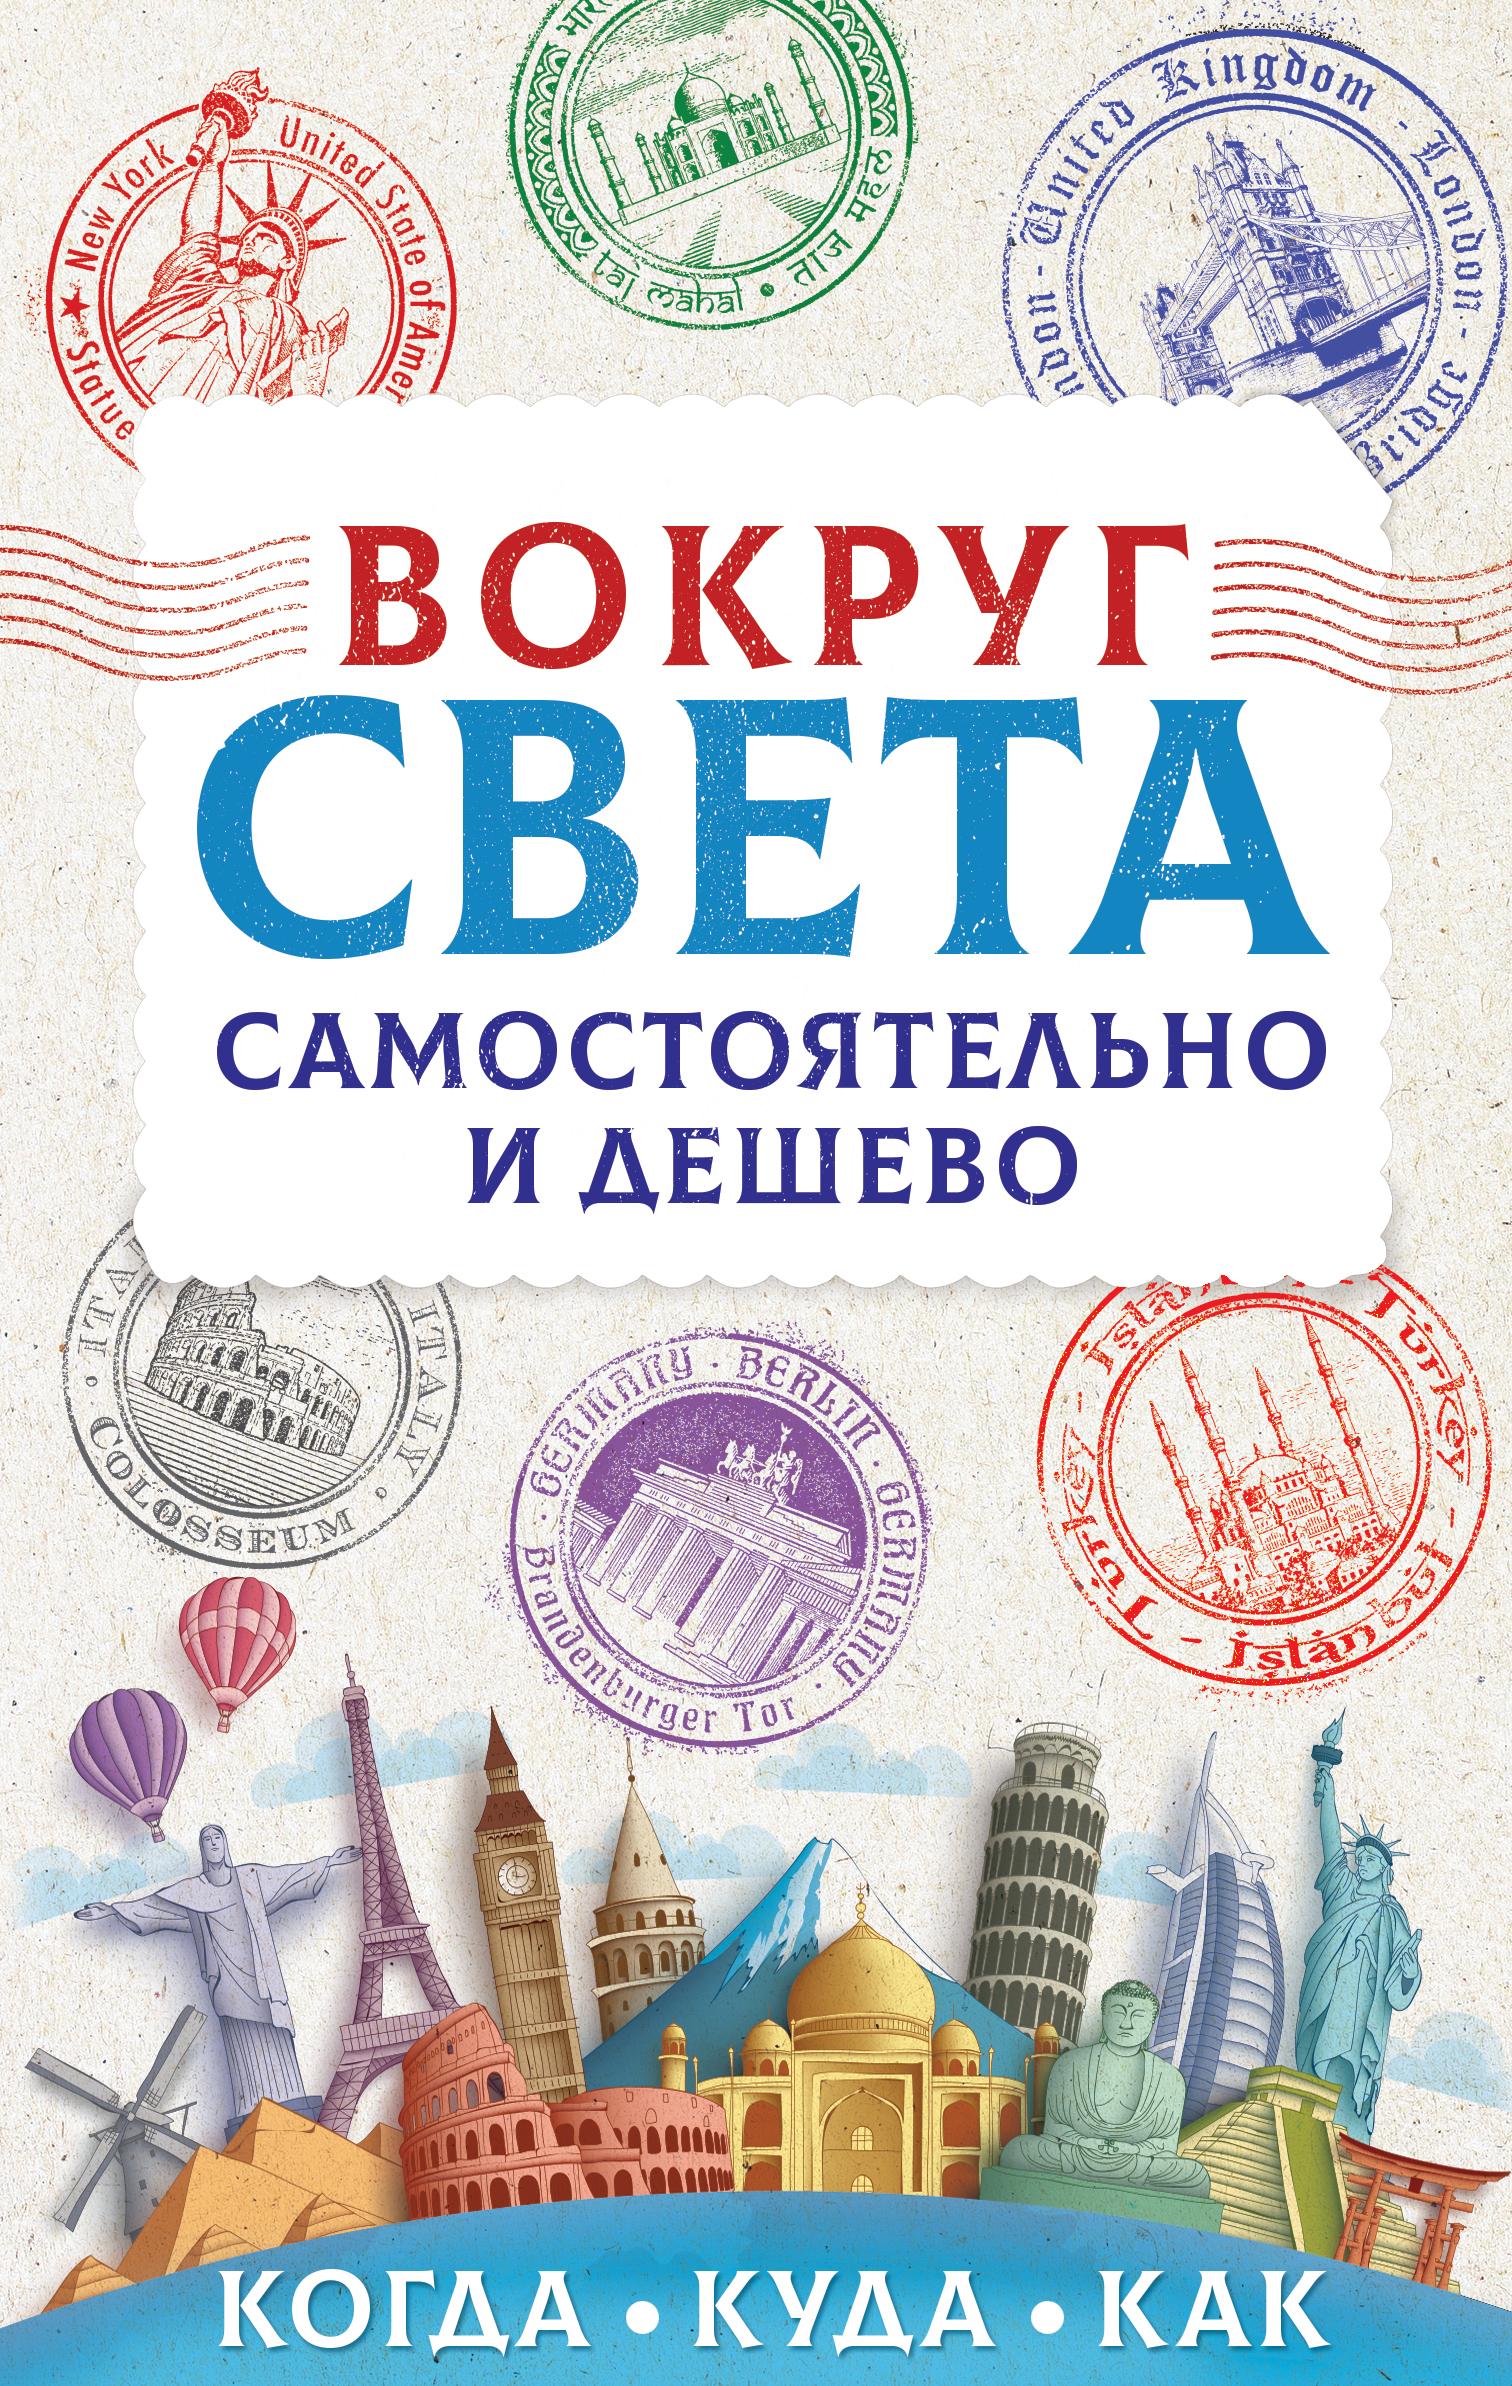 Купить книгу Вокруг света самостоятельно и дешево, автора Анастасии Мартыновой